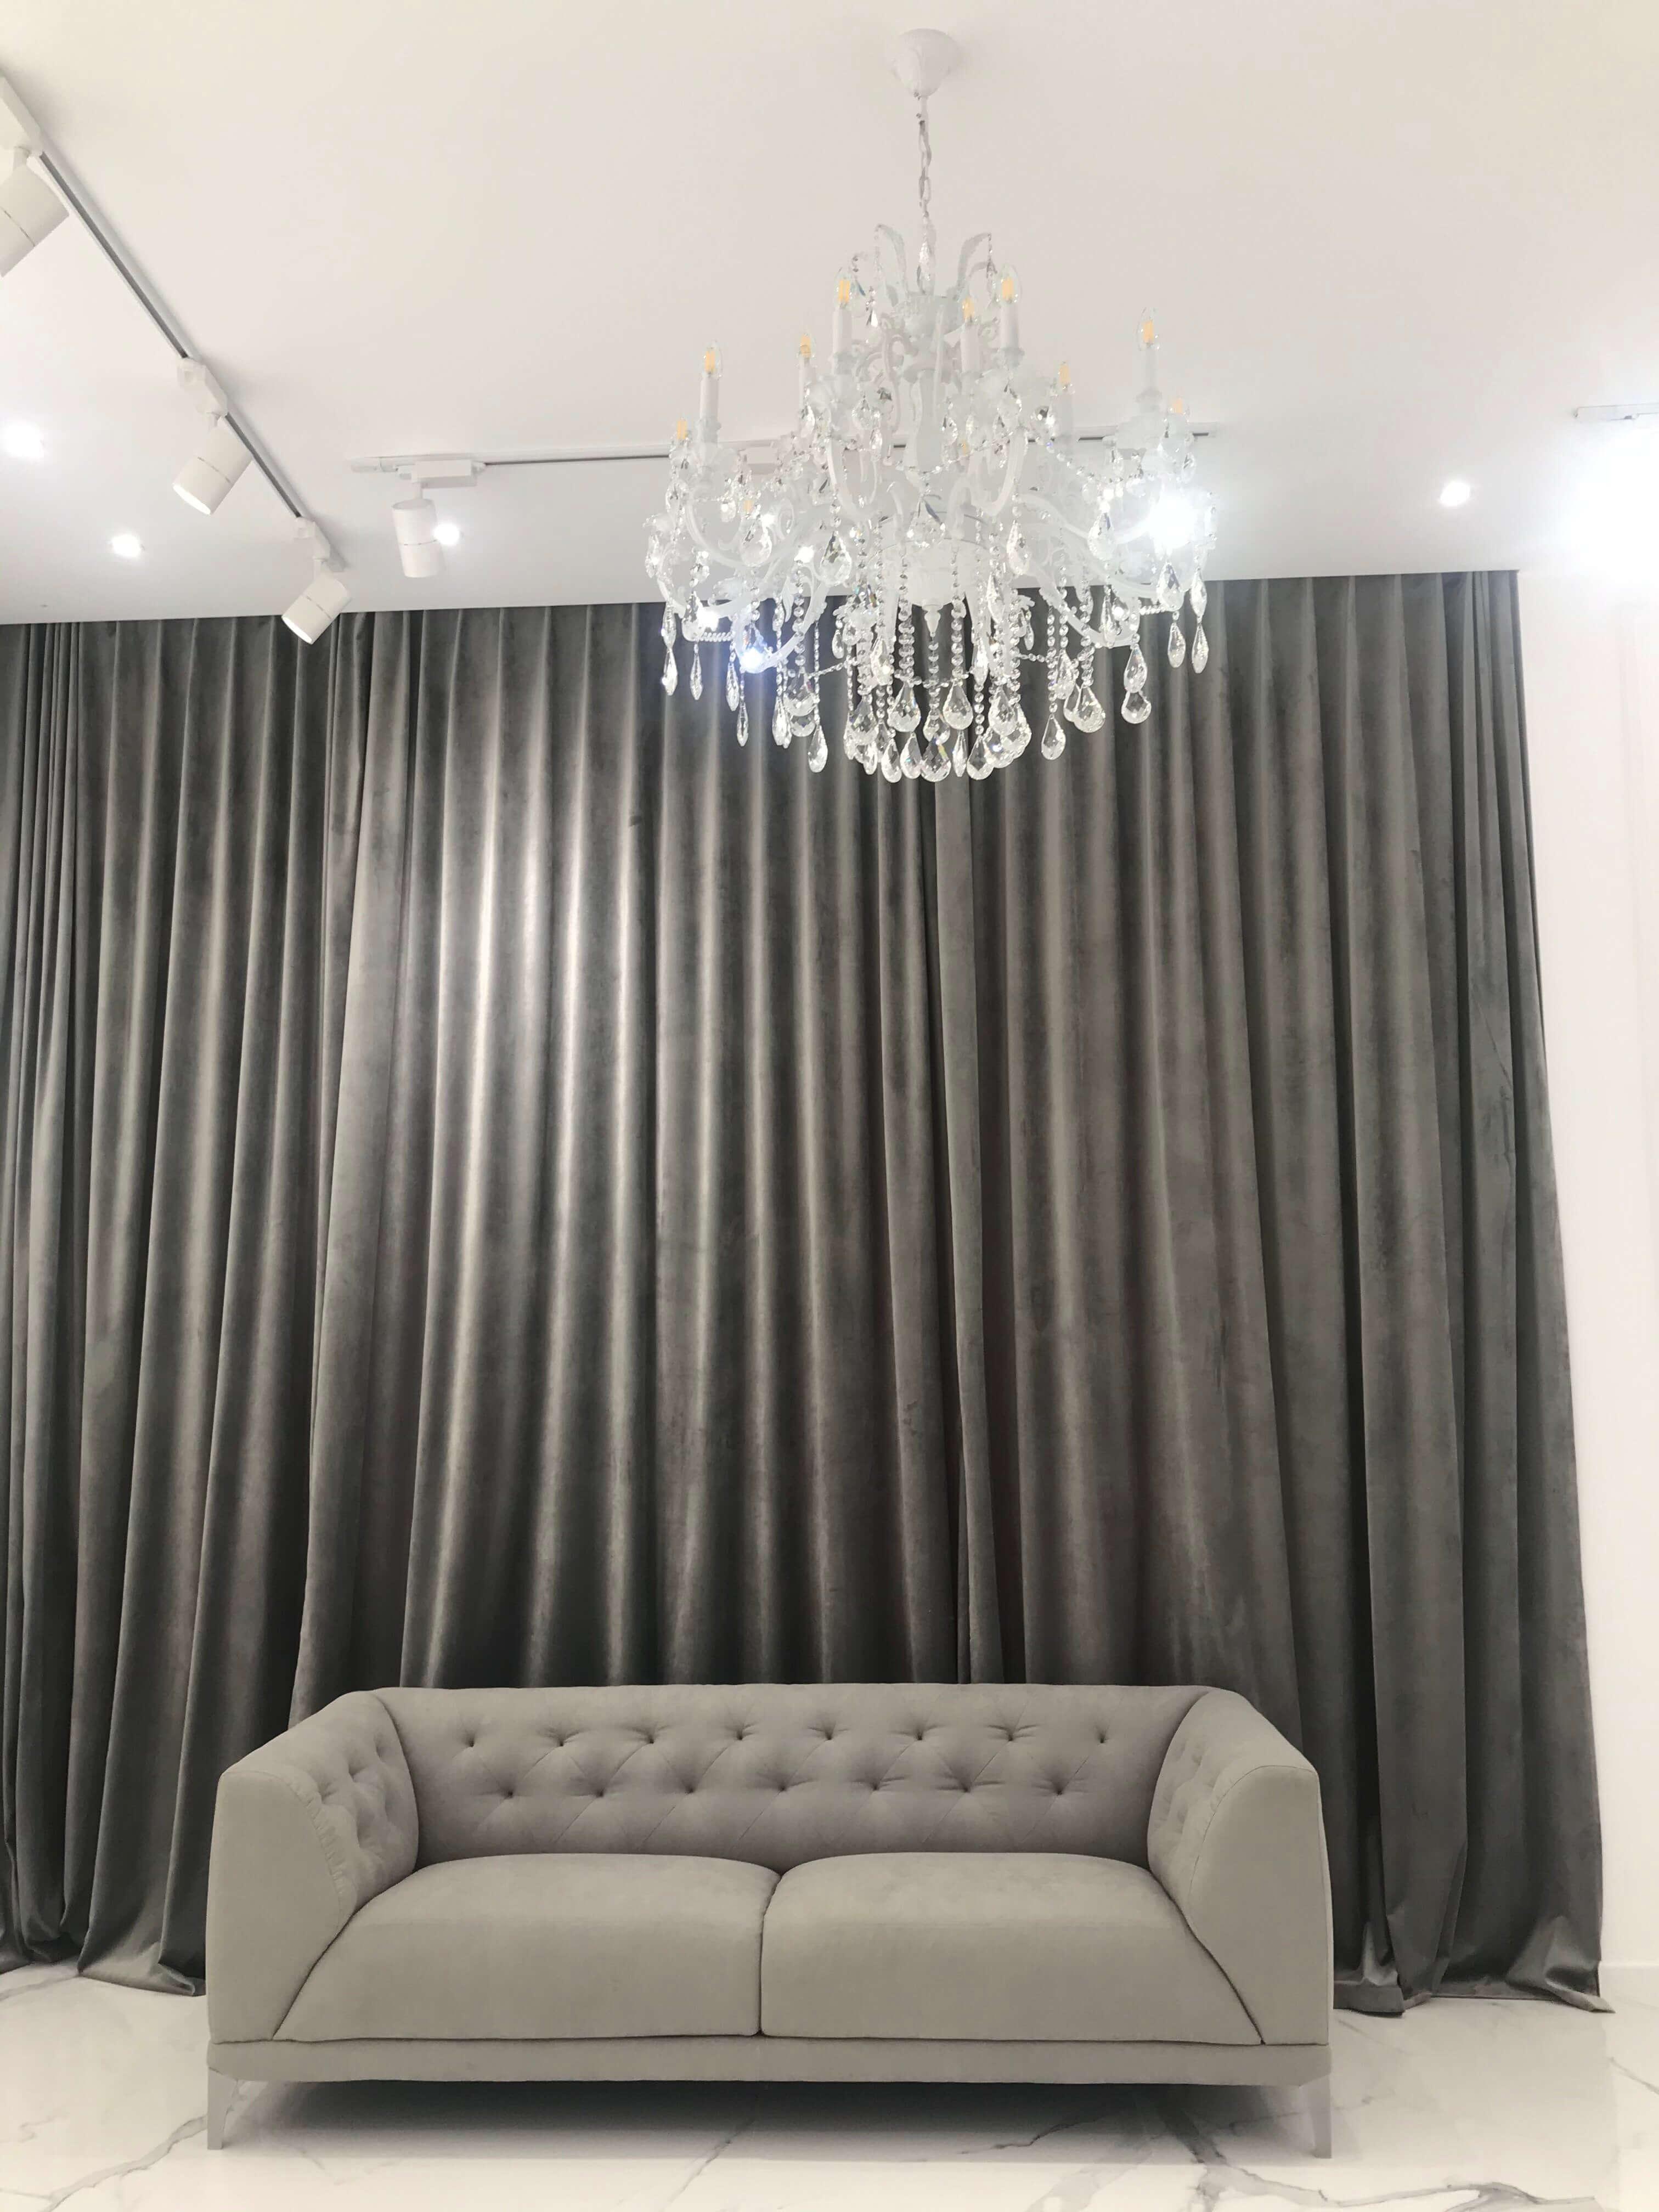 задернутые шторы, люстра и диван вблизи